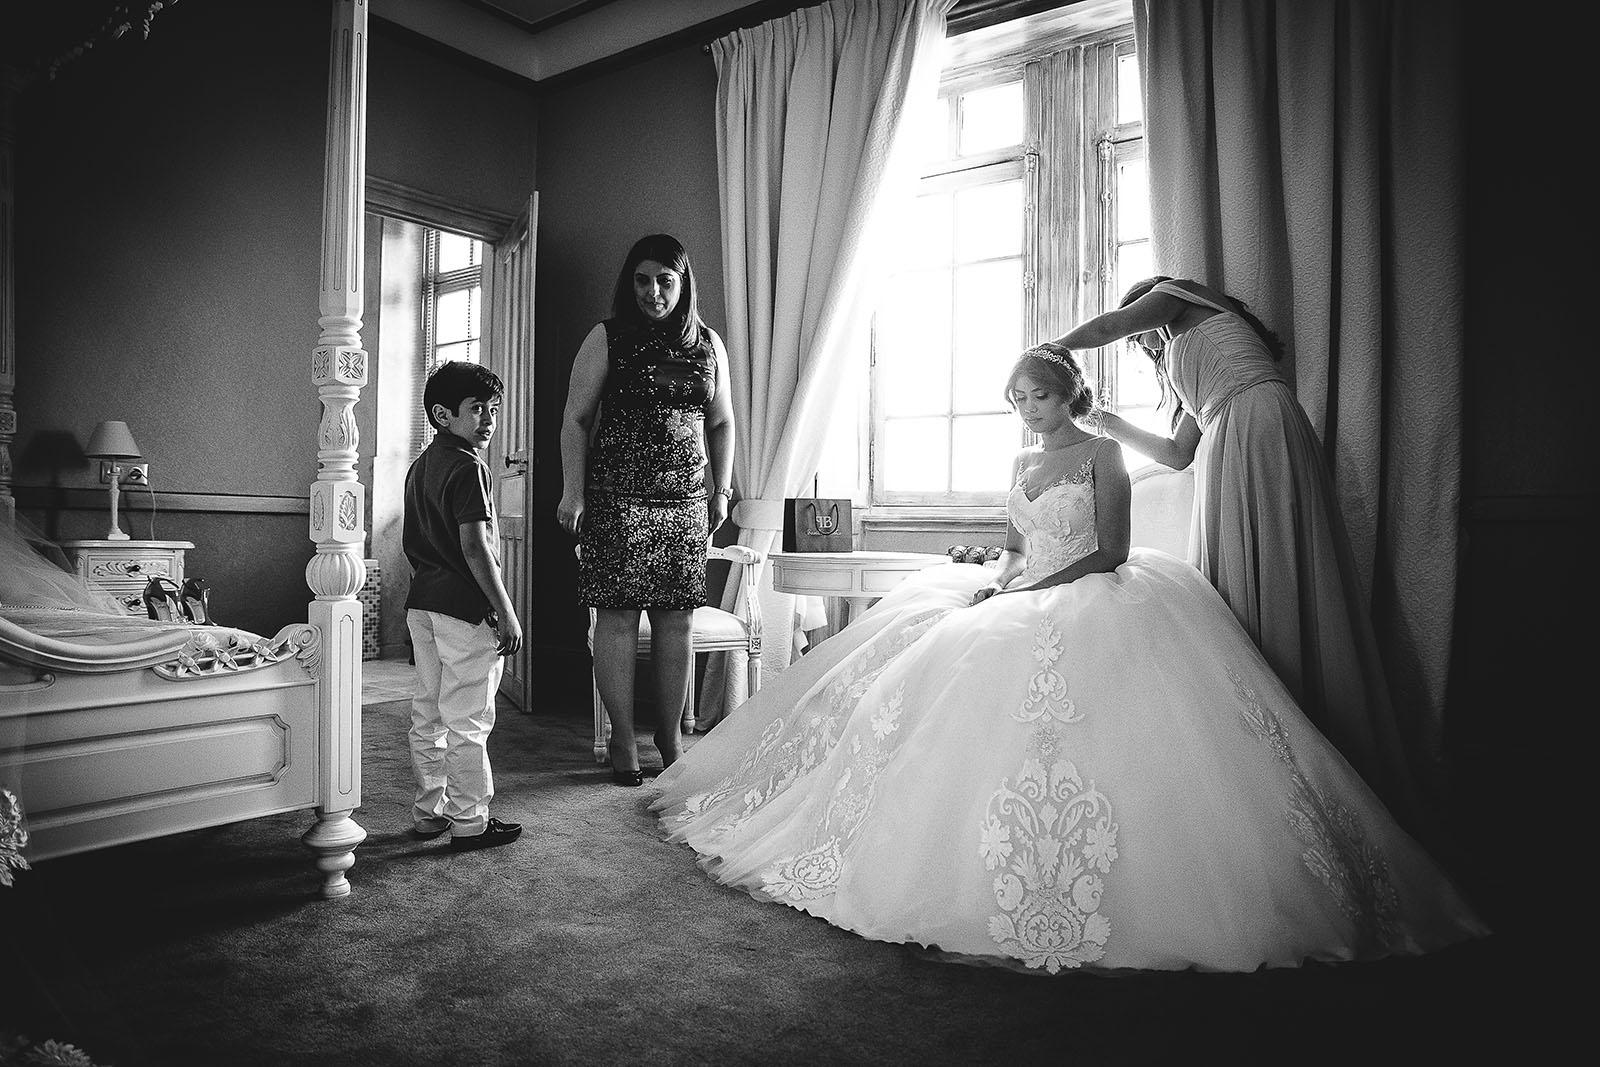 Mariage au Château de Beguin David Pommier photographe de mariage. Princesse magnifique dans une robe sublime